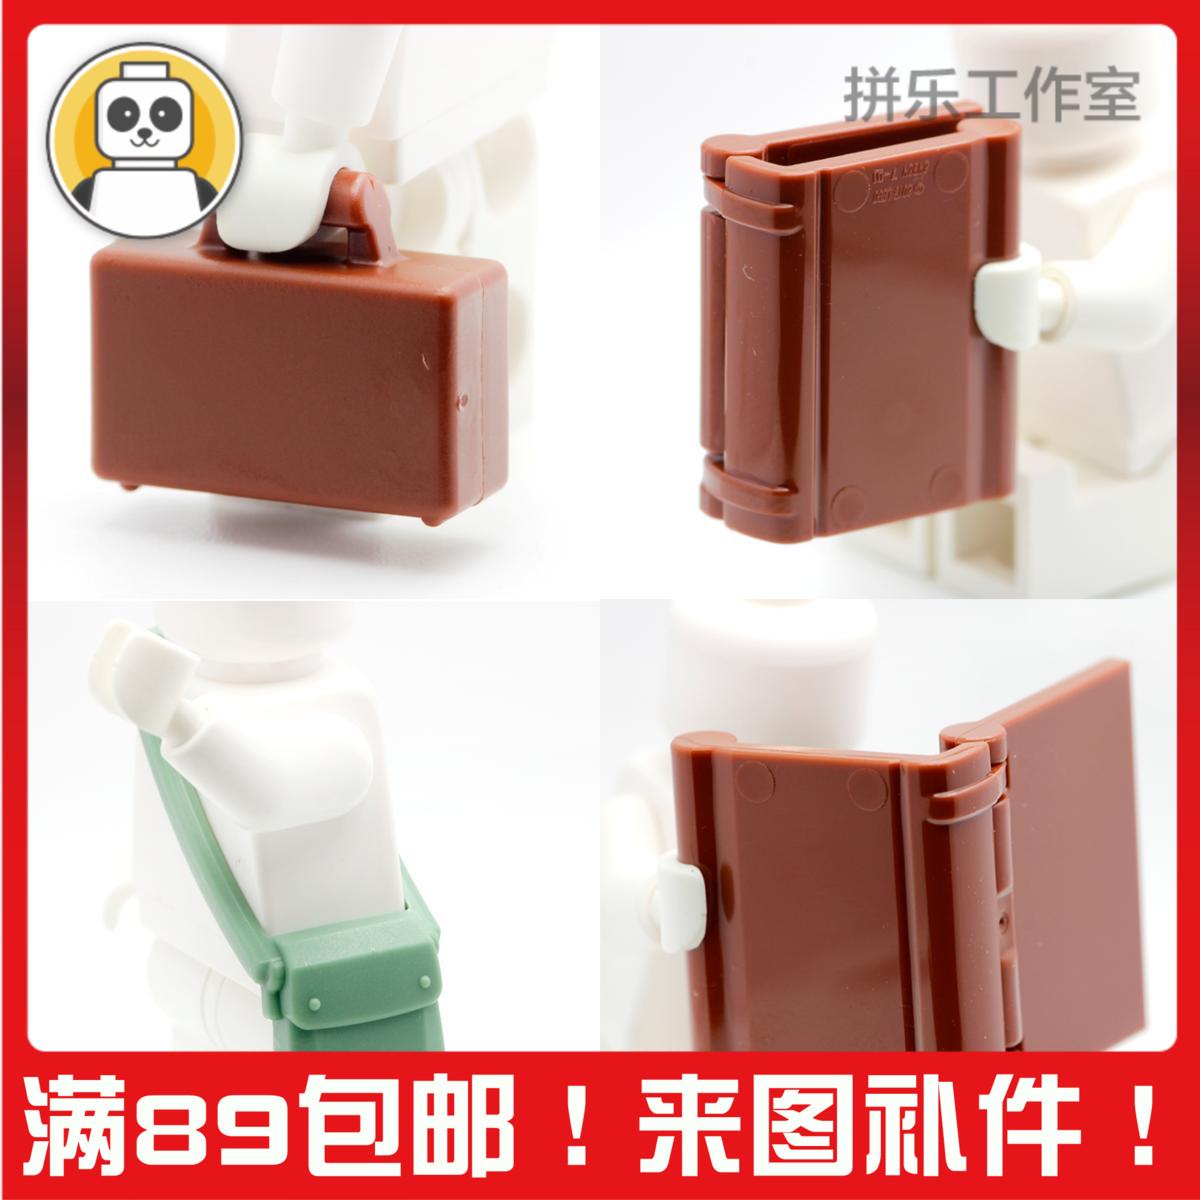 乐挎包仔书包LEGO4449/61976/24324/24093零件公文包高人手提箱棕